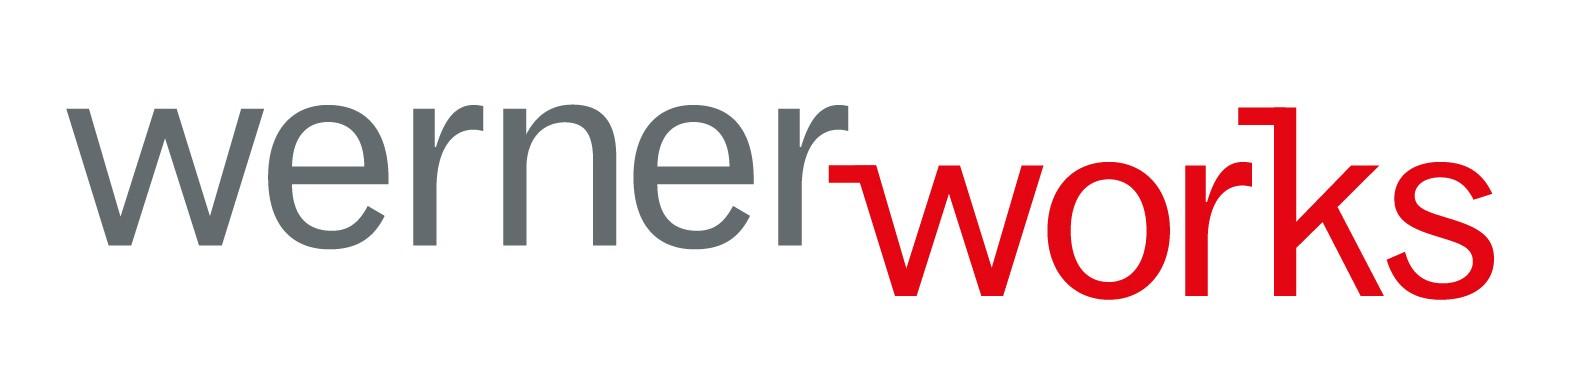 werner works